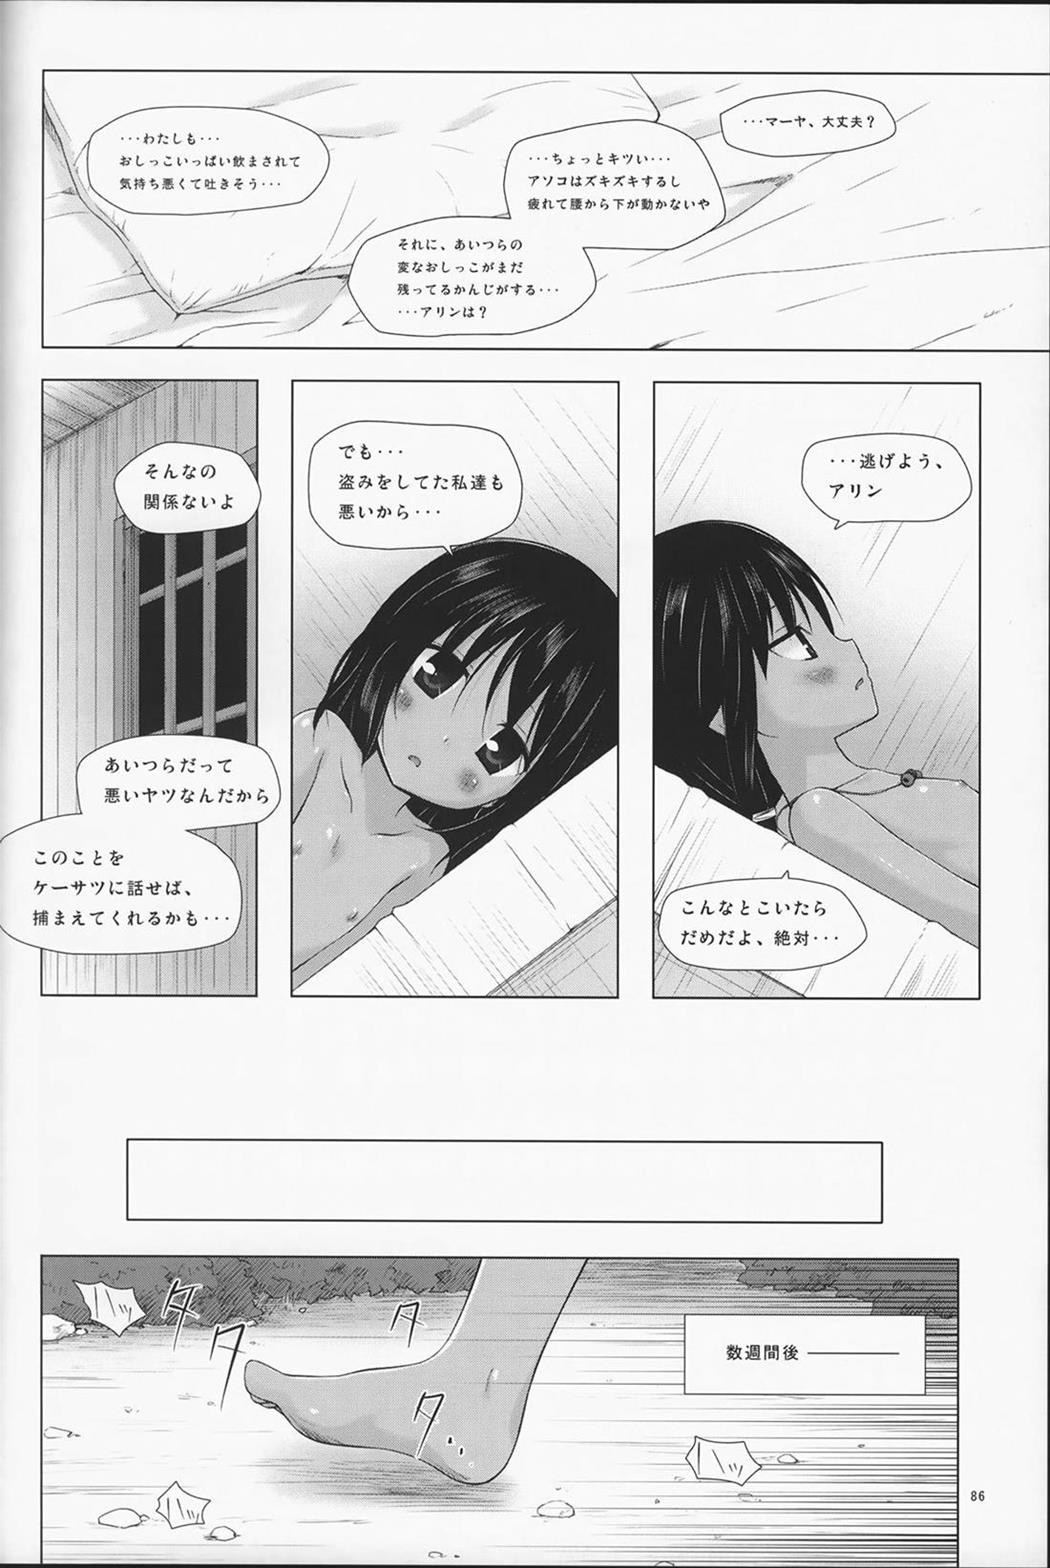 【エロ漫画・エロ同人誌】異国で父親に売られて売春する羽目になったロリ少女wひたすらお客とエッチしてる毎日を送ってたら日本人の男に助けられ日本に来てもセックス依存がぬけてないwww (86)